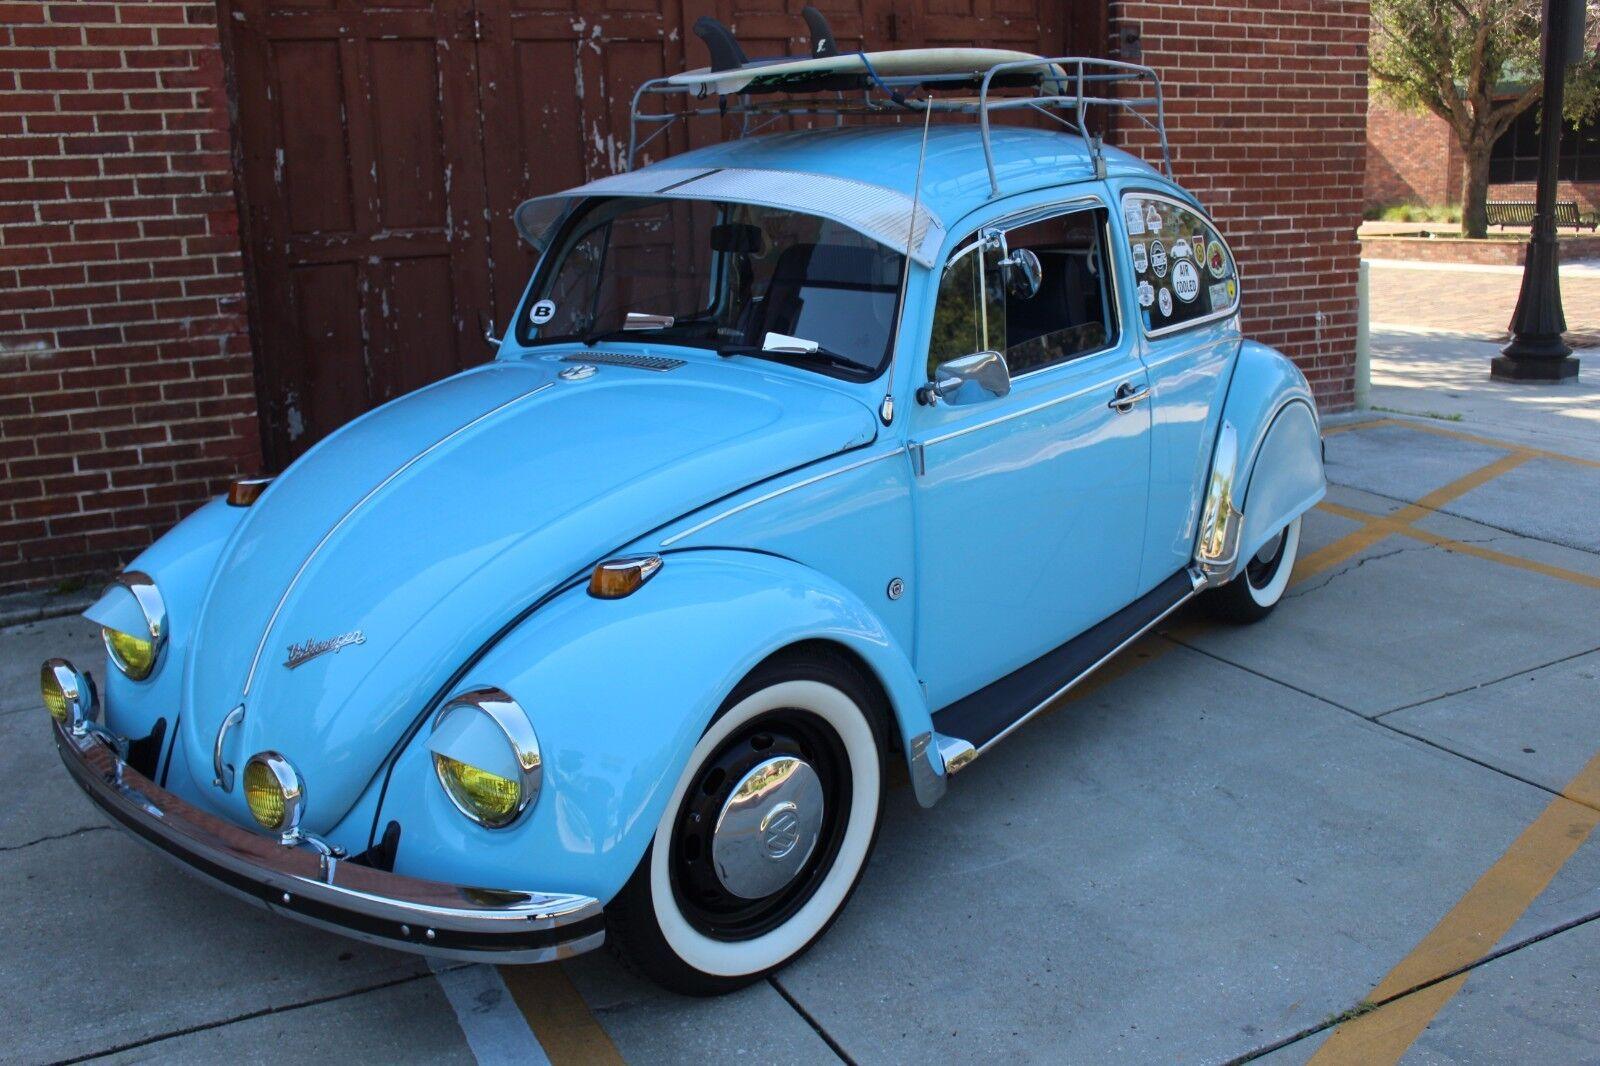 1969 Volkswagen Beetle - Classic  1969 Volkswagen Classic Beetle